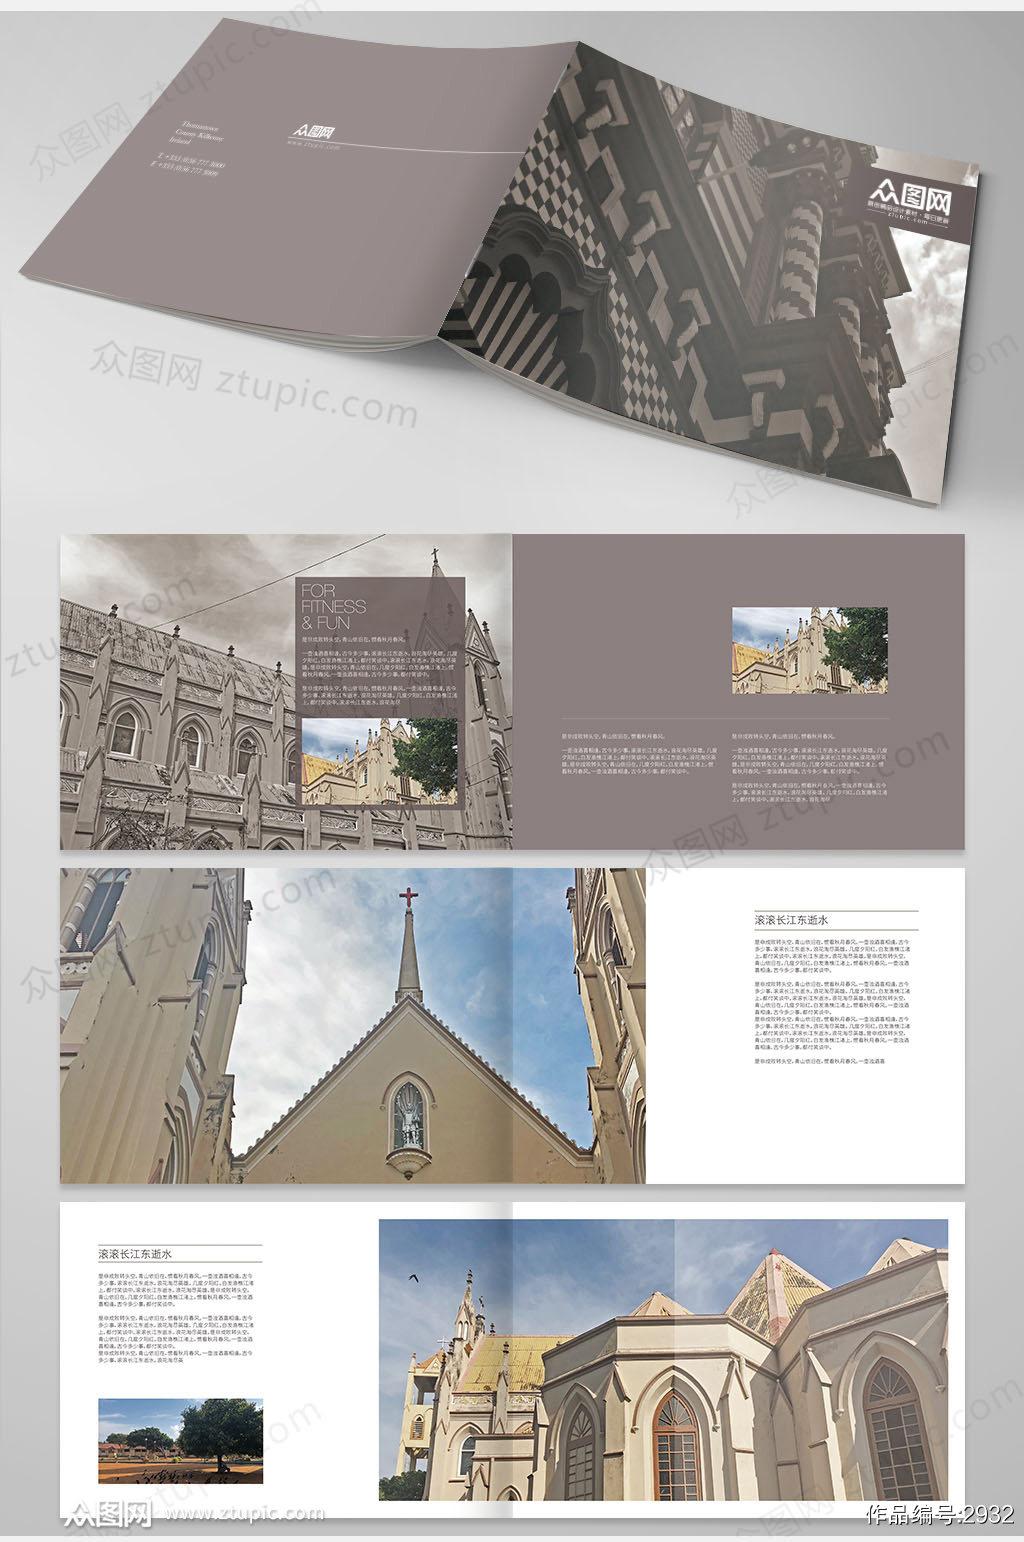 简约中国物流画册封面设计素材